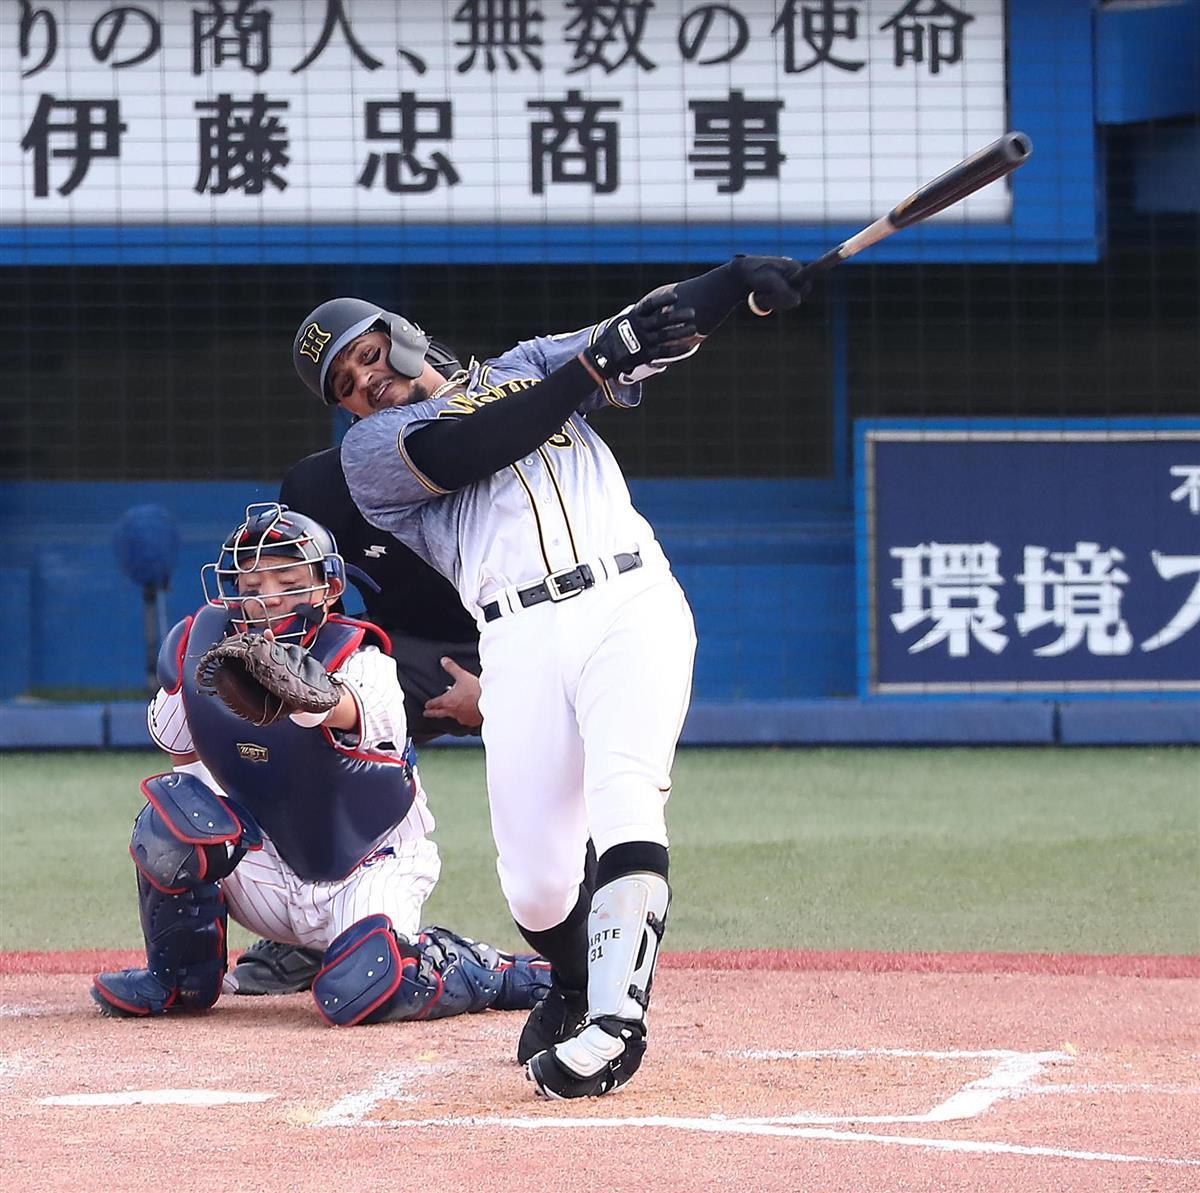 【プロ野球ヤクルト対阪神】7回、本塁打を放つ阪神・ジェフリー・マルテ=神宮球場(宮沢宗士郎撮影)